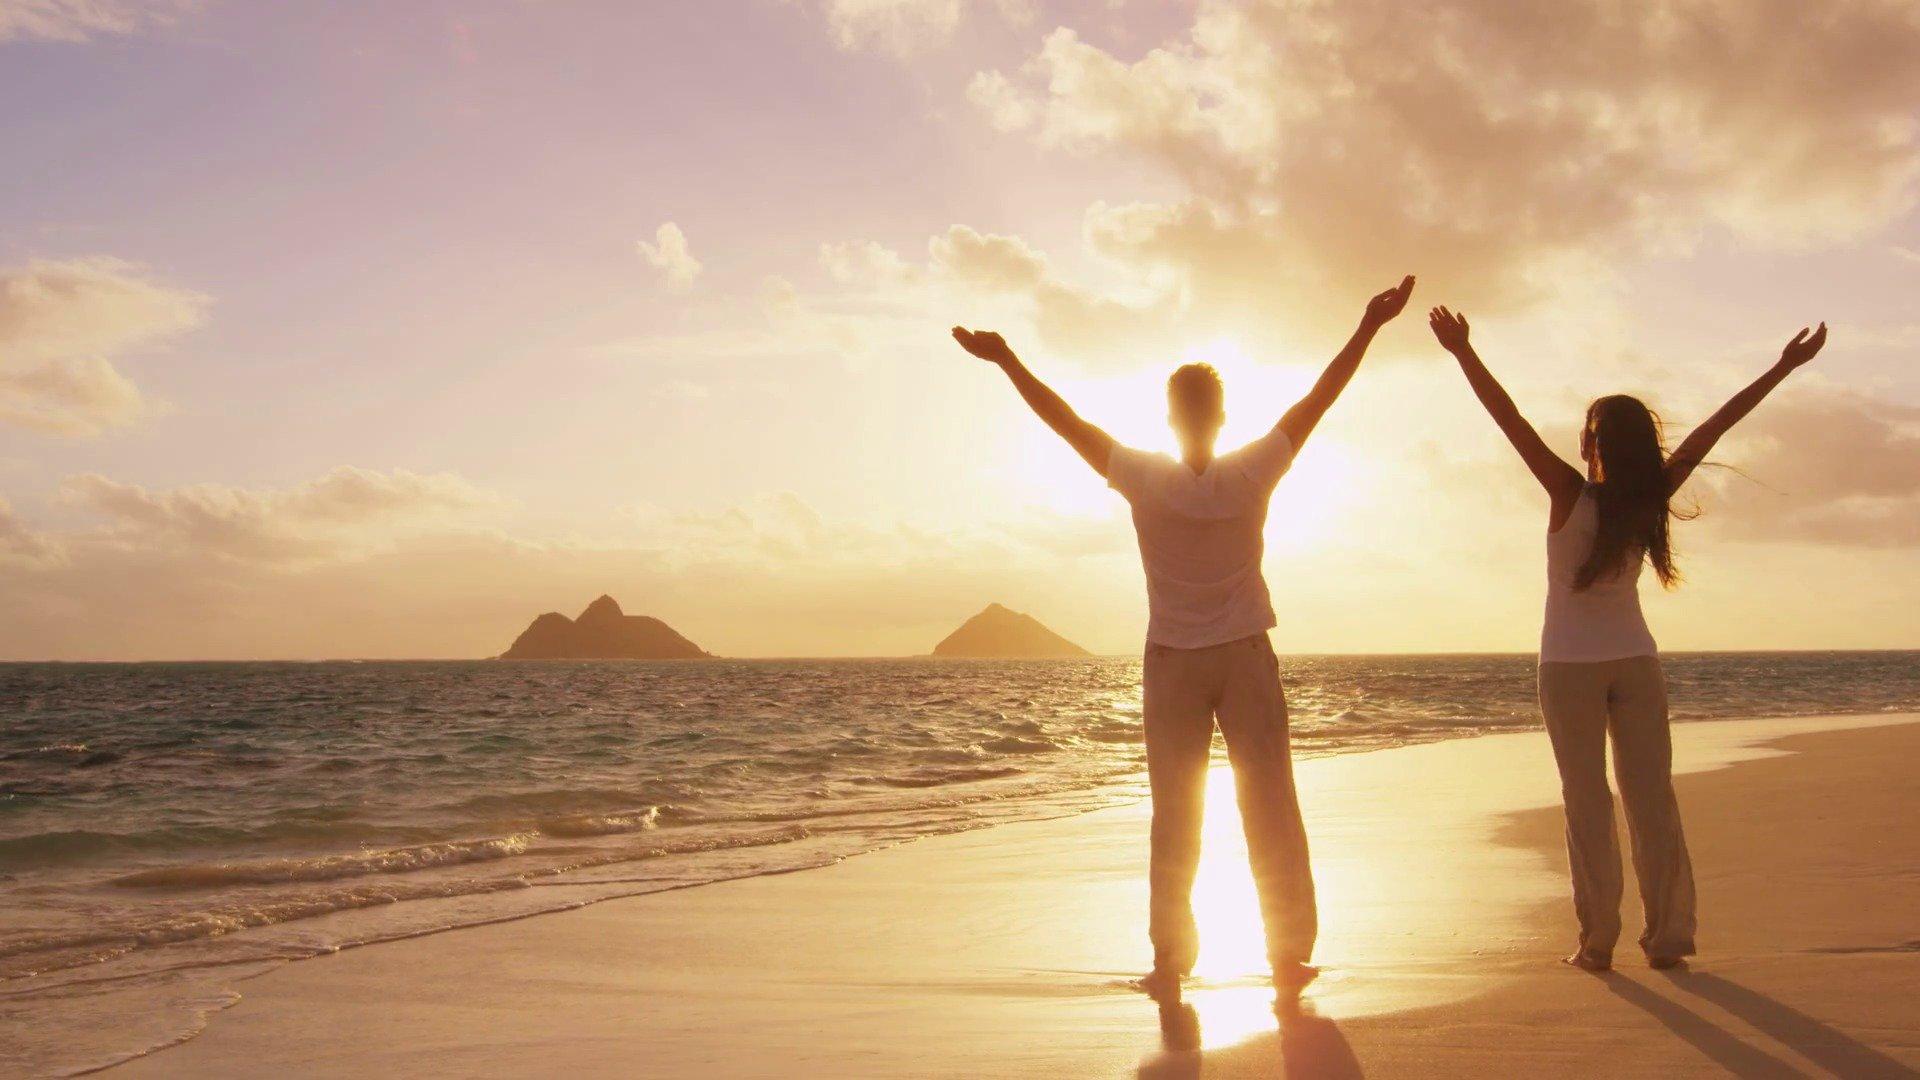 Pursue Your Purpose - Prosper Pathways